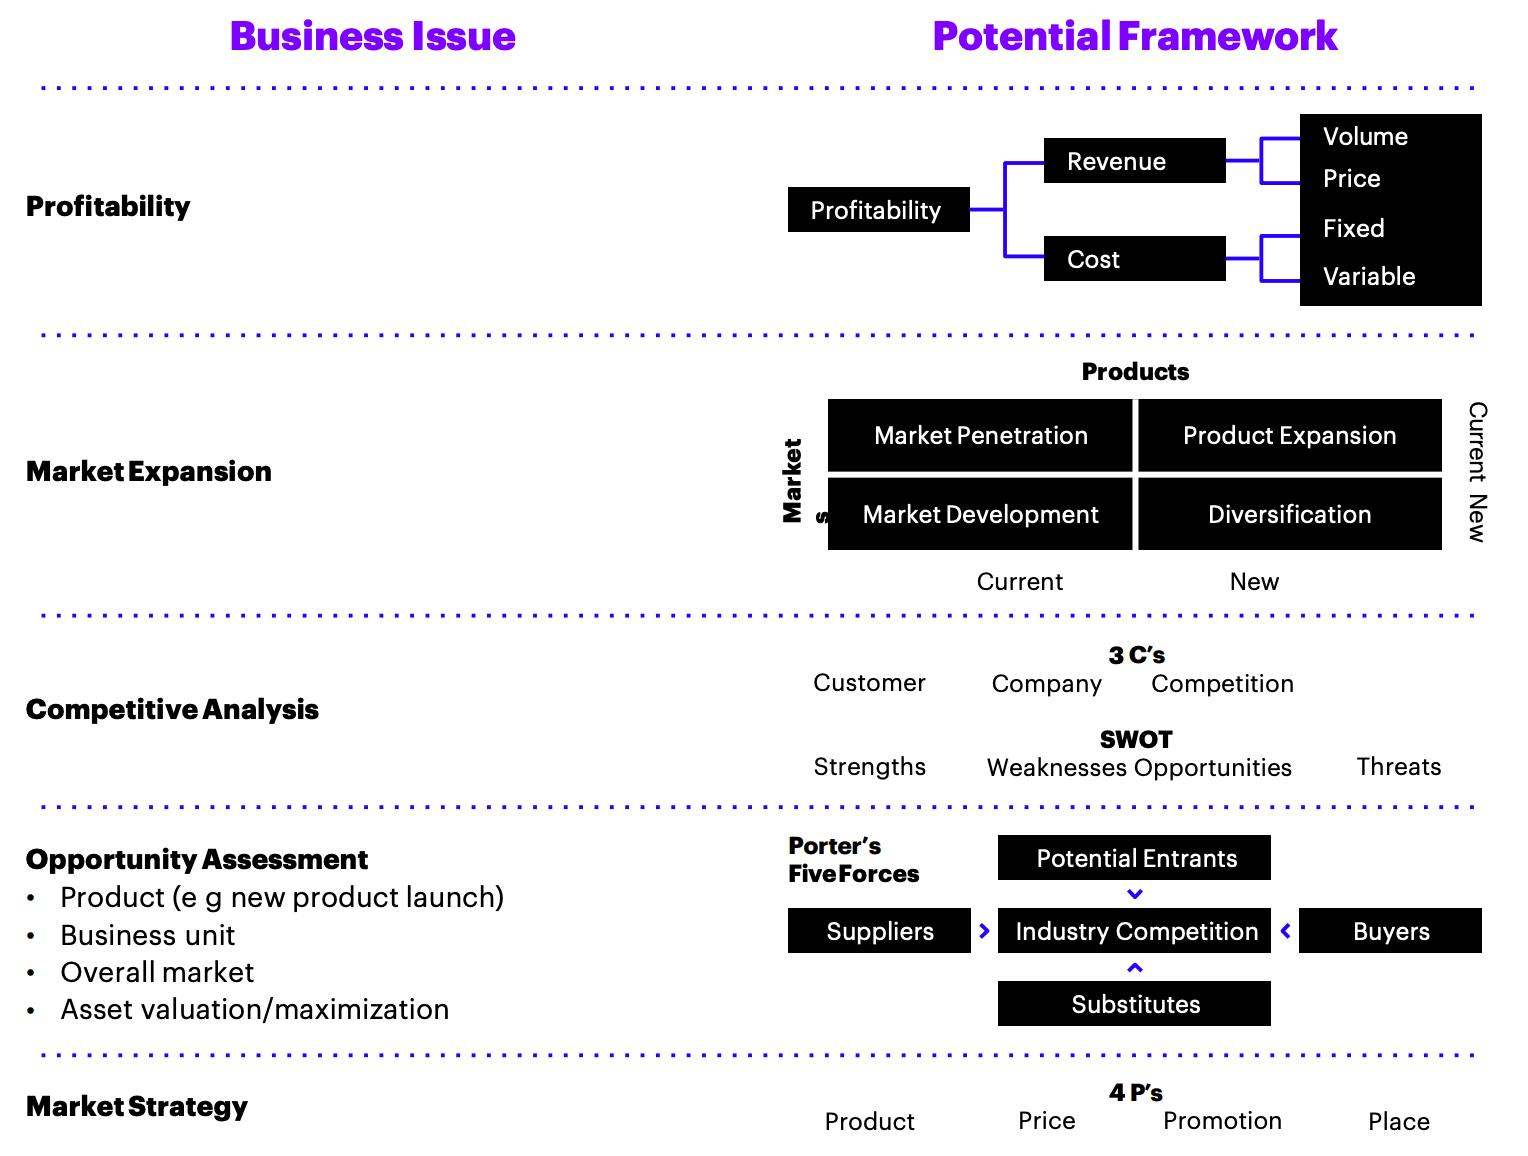 Accenture Case Interview Frameworks